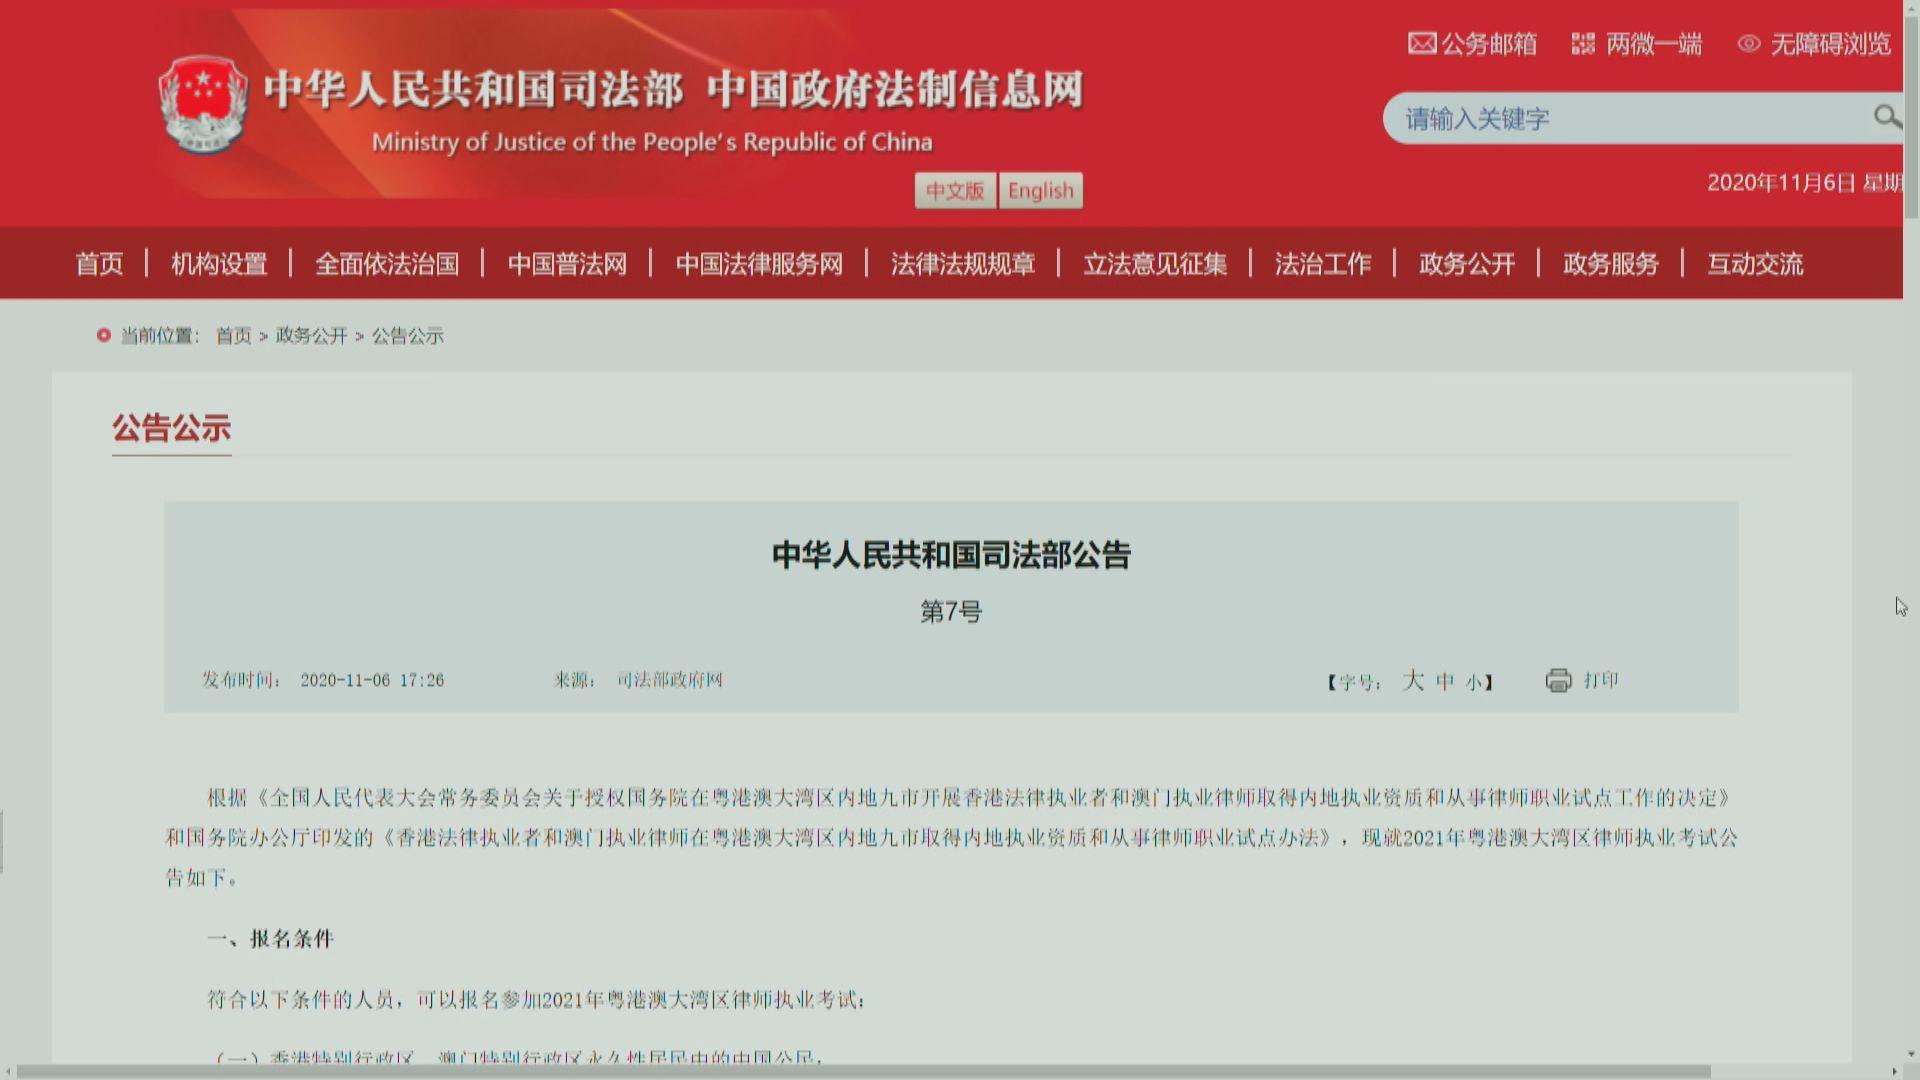 粵港澳大灣區律師執業試 本月16日接受報名